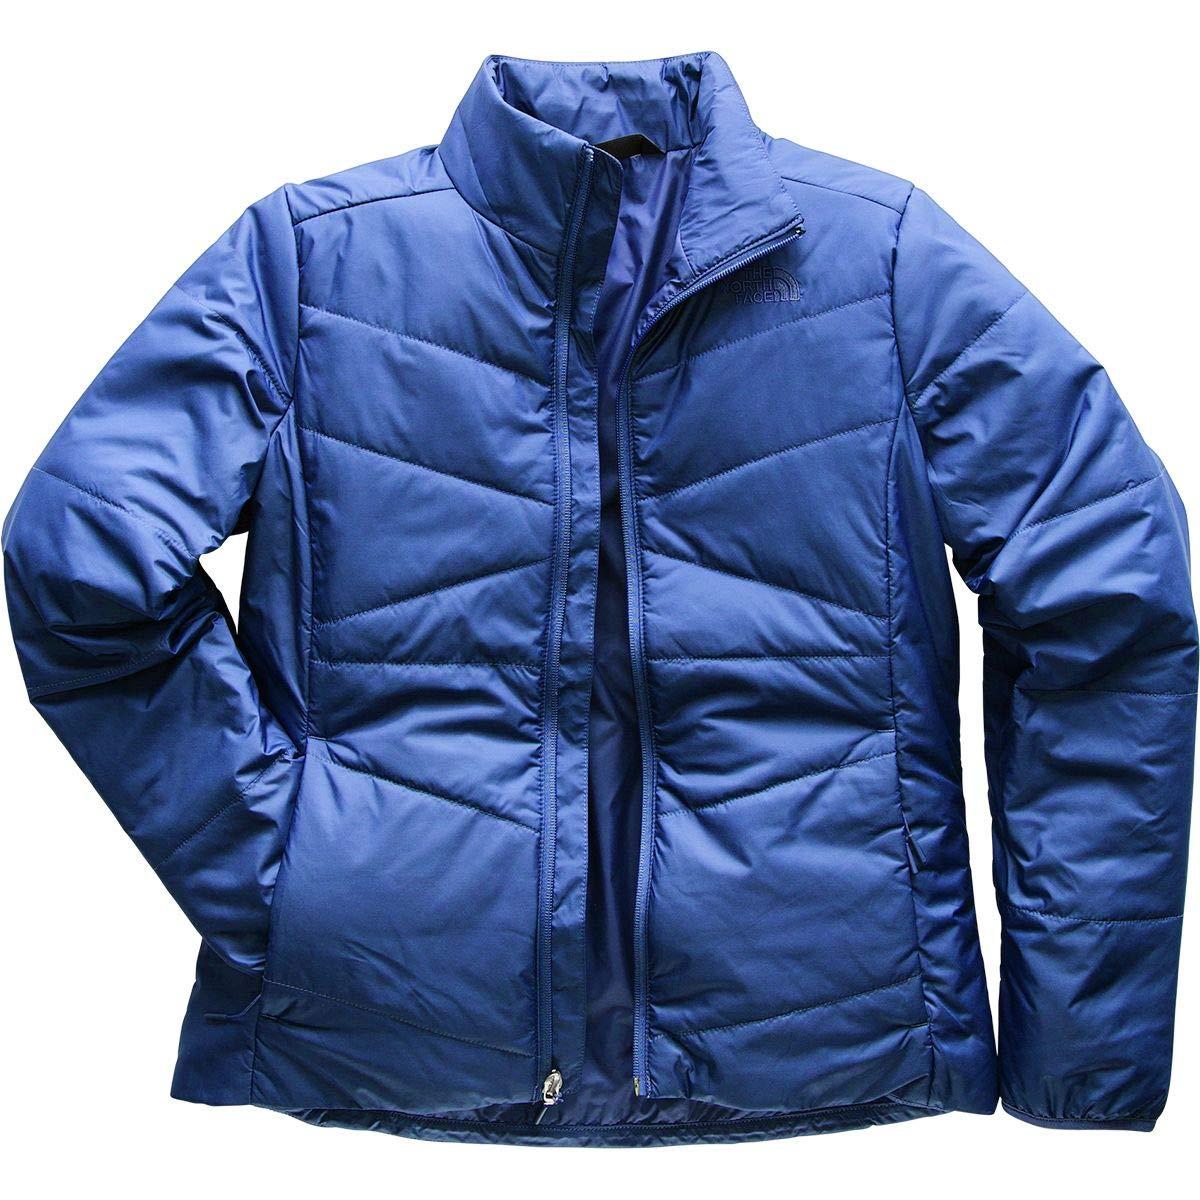 (ザノースフェイス) The North Face Bombay Insulated Jacket レディース ジャケットSodalite Blue [並行輸入品]   B07H5CTH9D